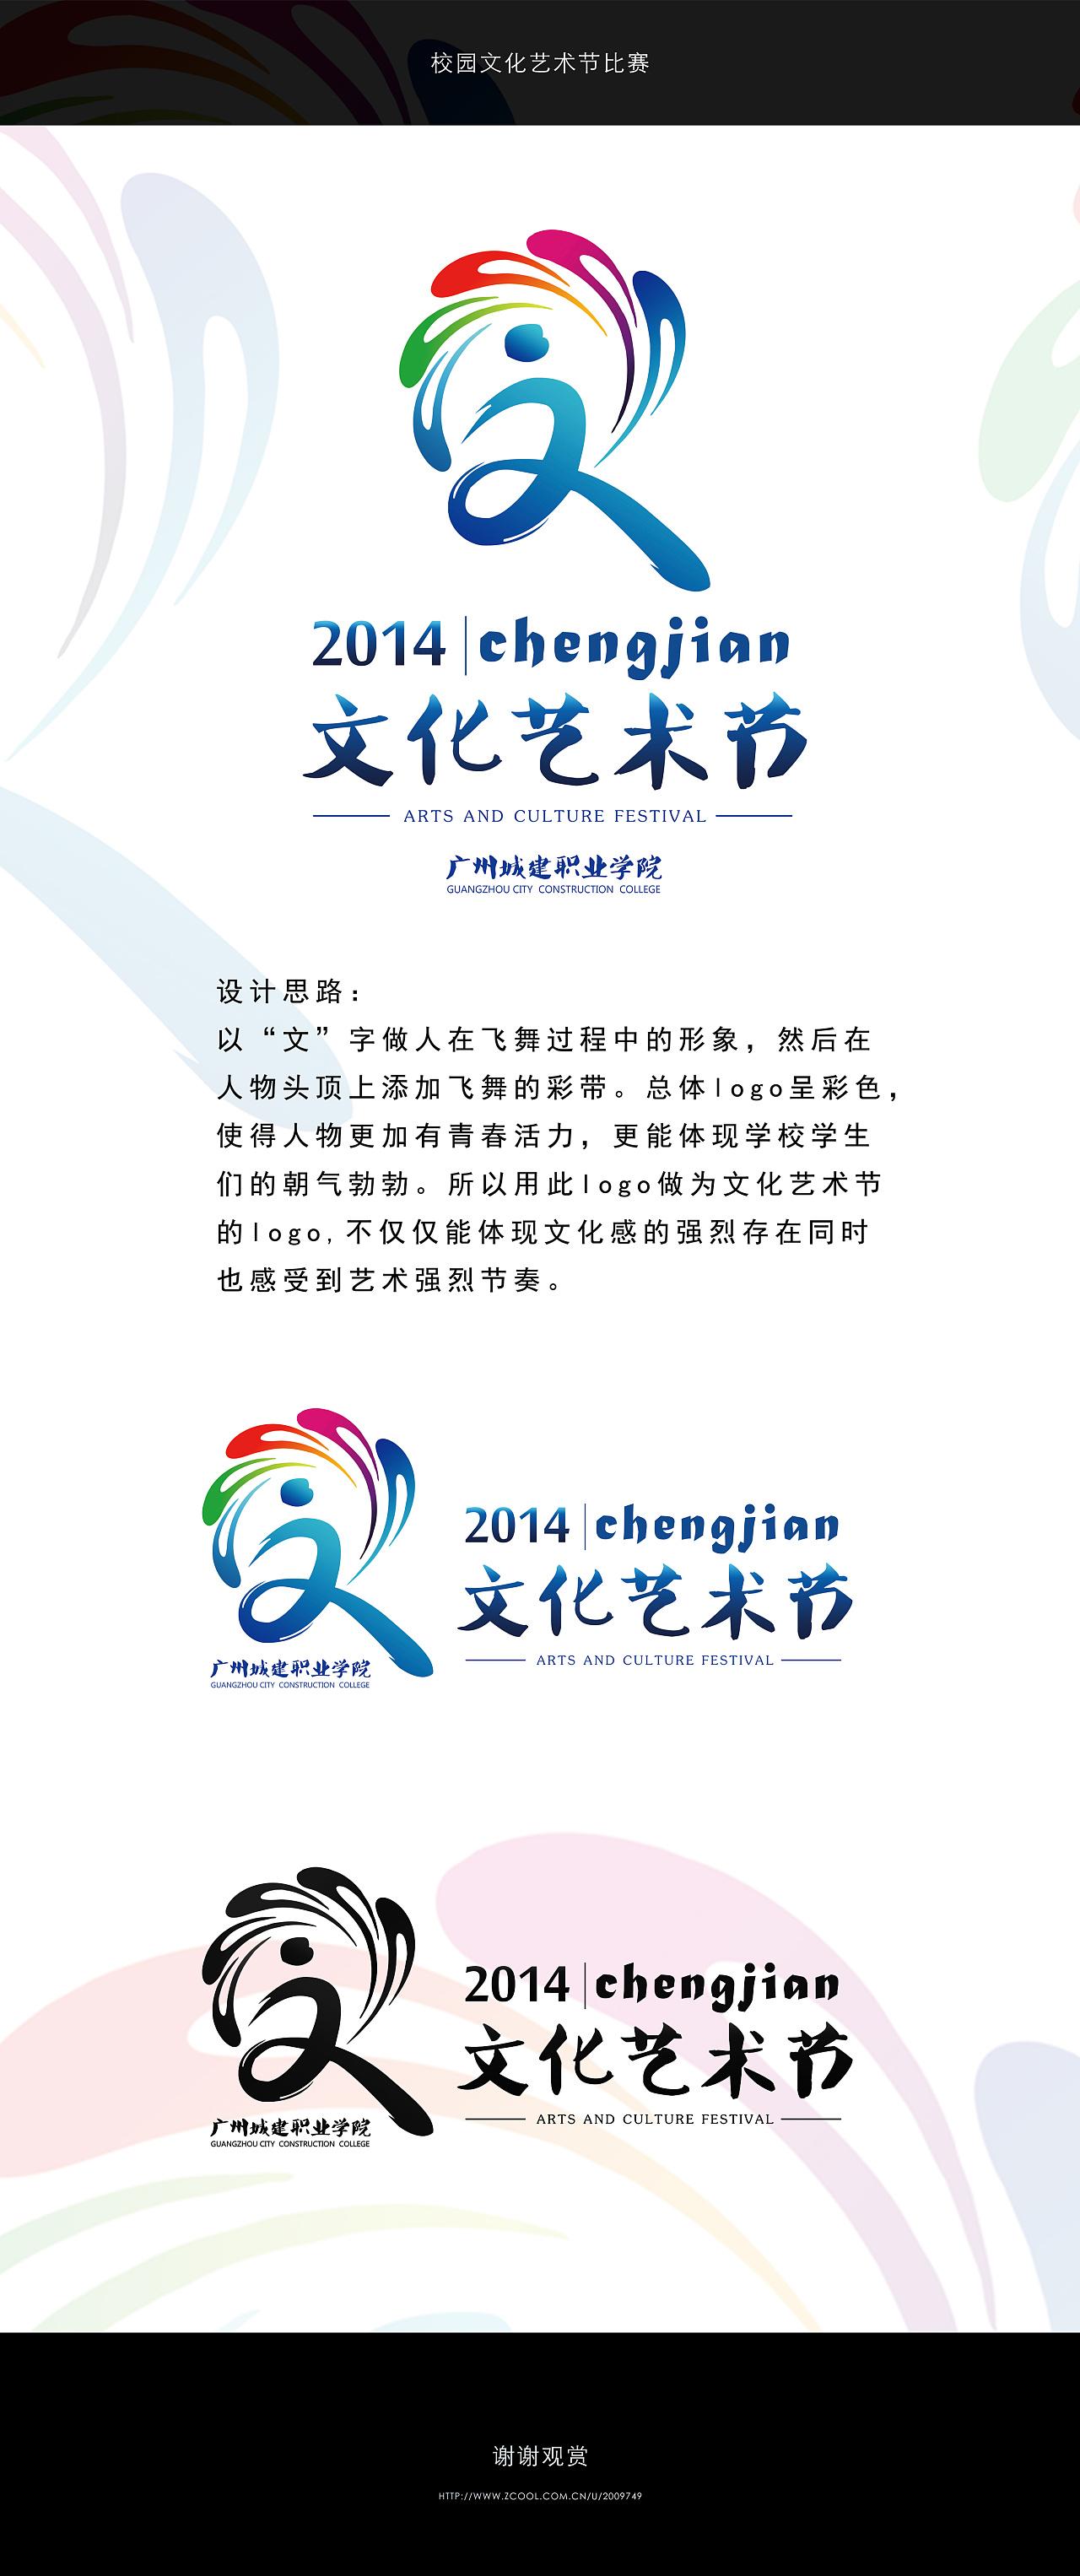 文化艺术节logo设计大赛图片